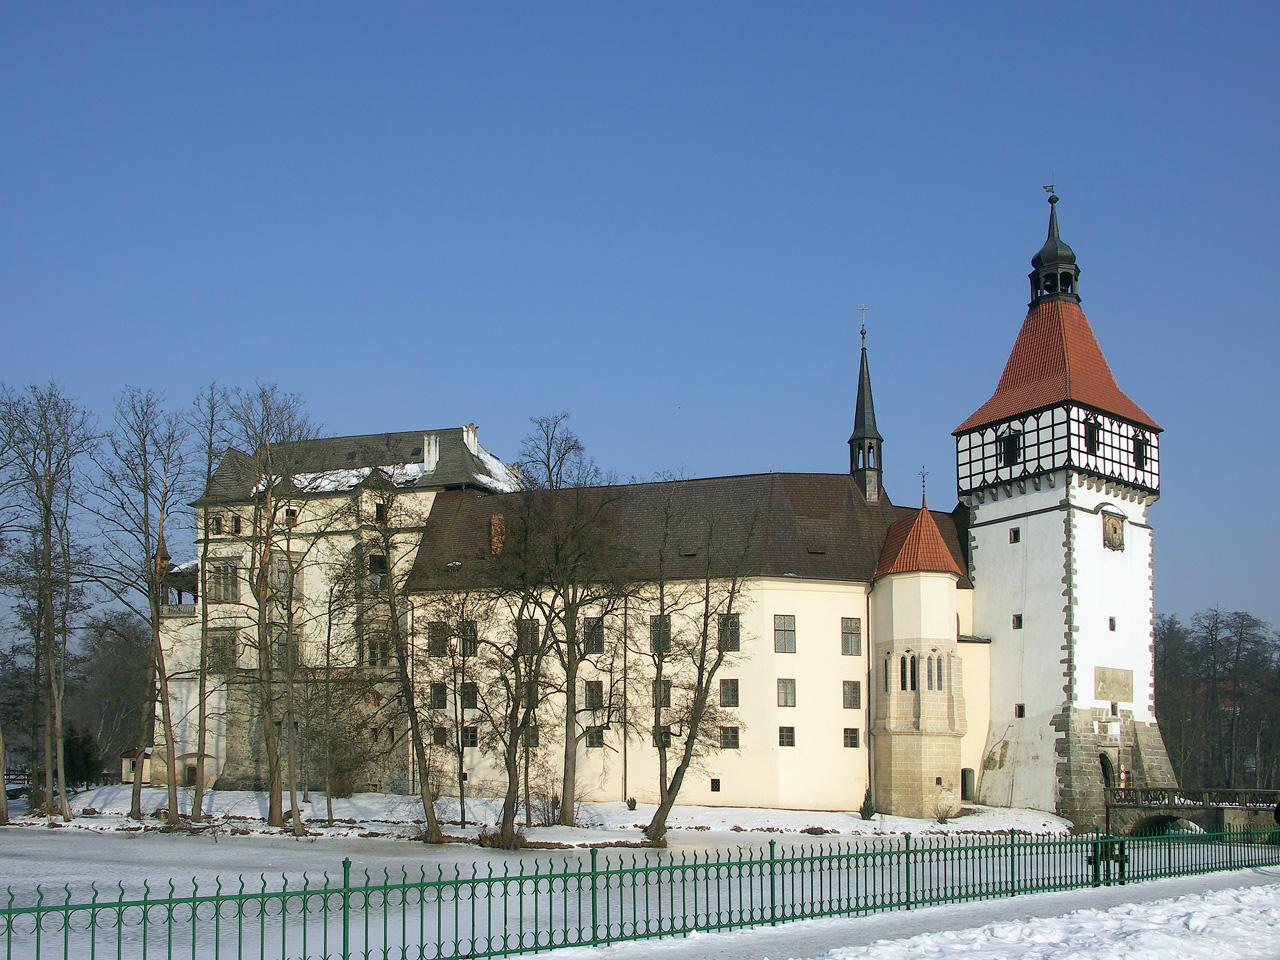 jižní pohled na zámek s Rožmitálským a Rejtovým palácem